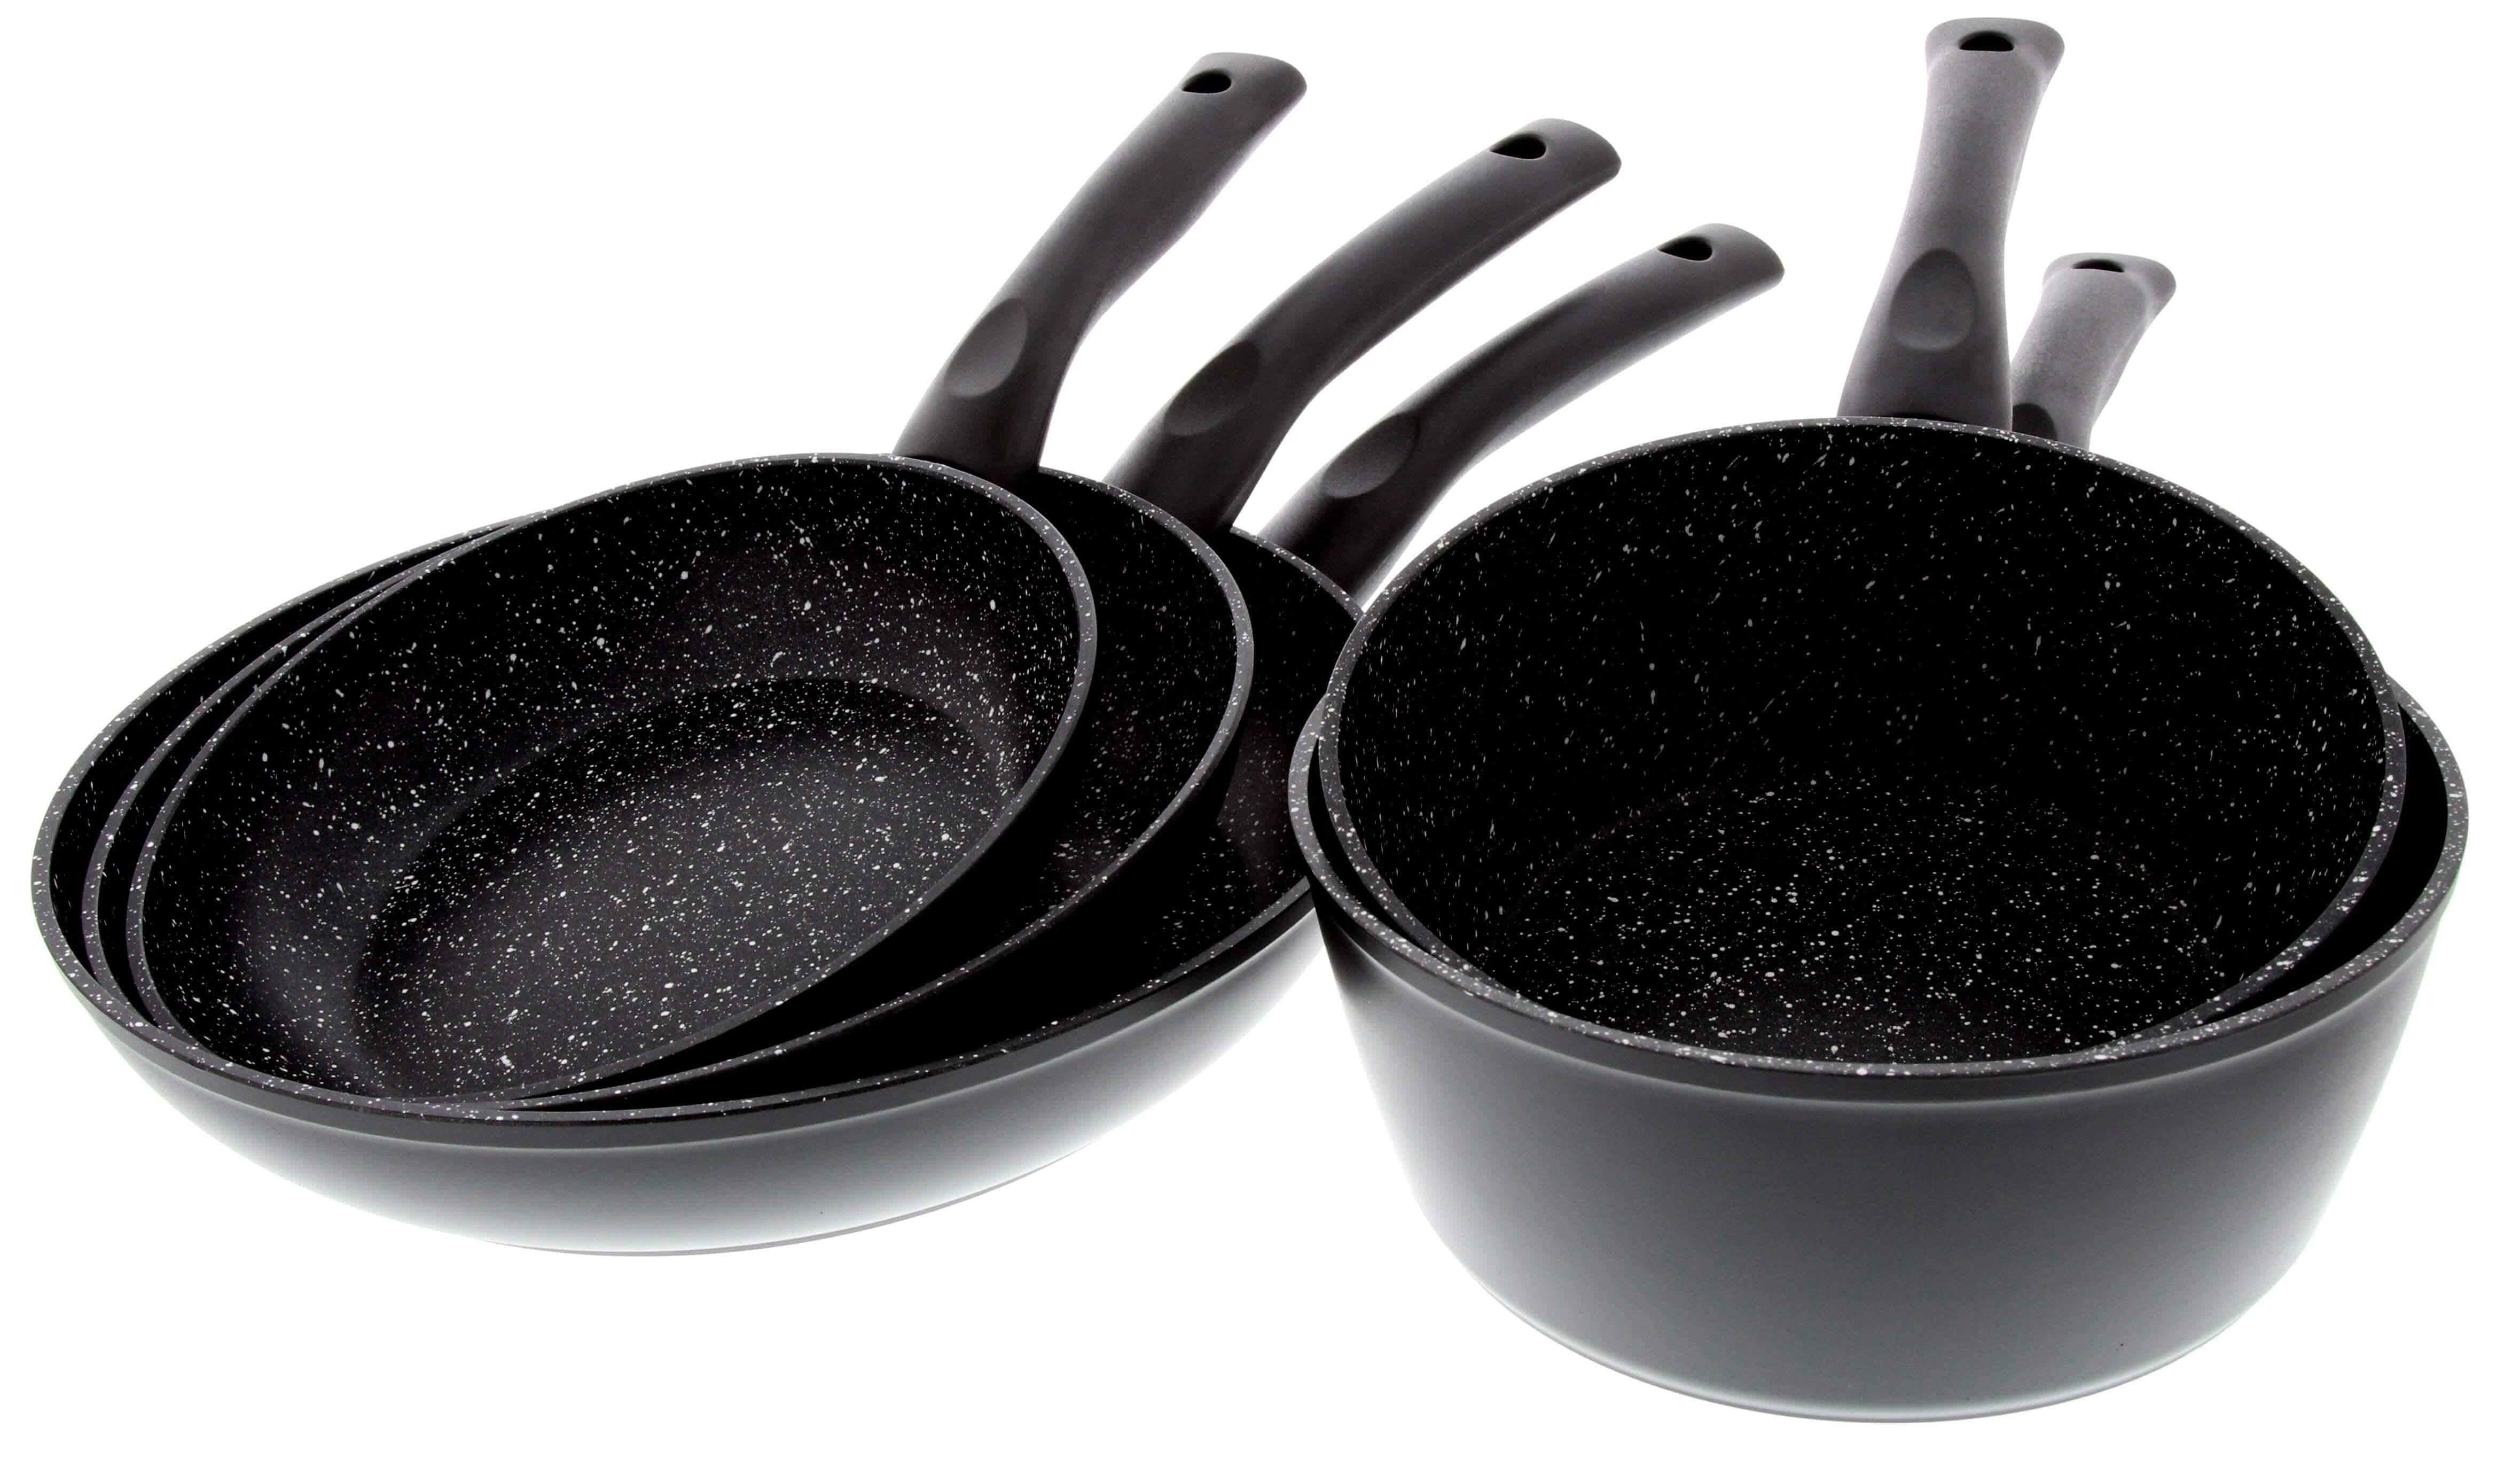 Batterie De Cuisine 5 Pieces Alu Forge Pradel Excellence